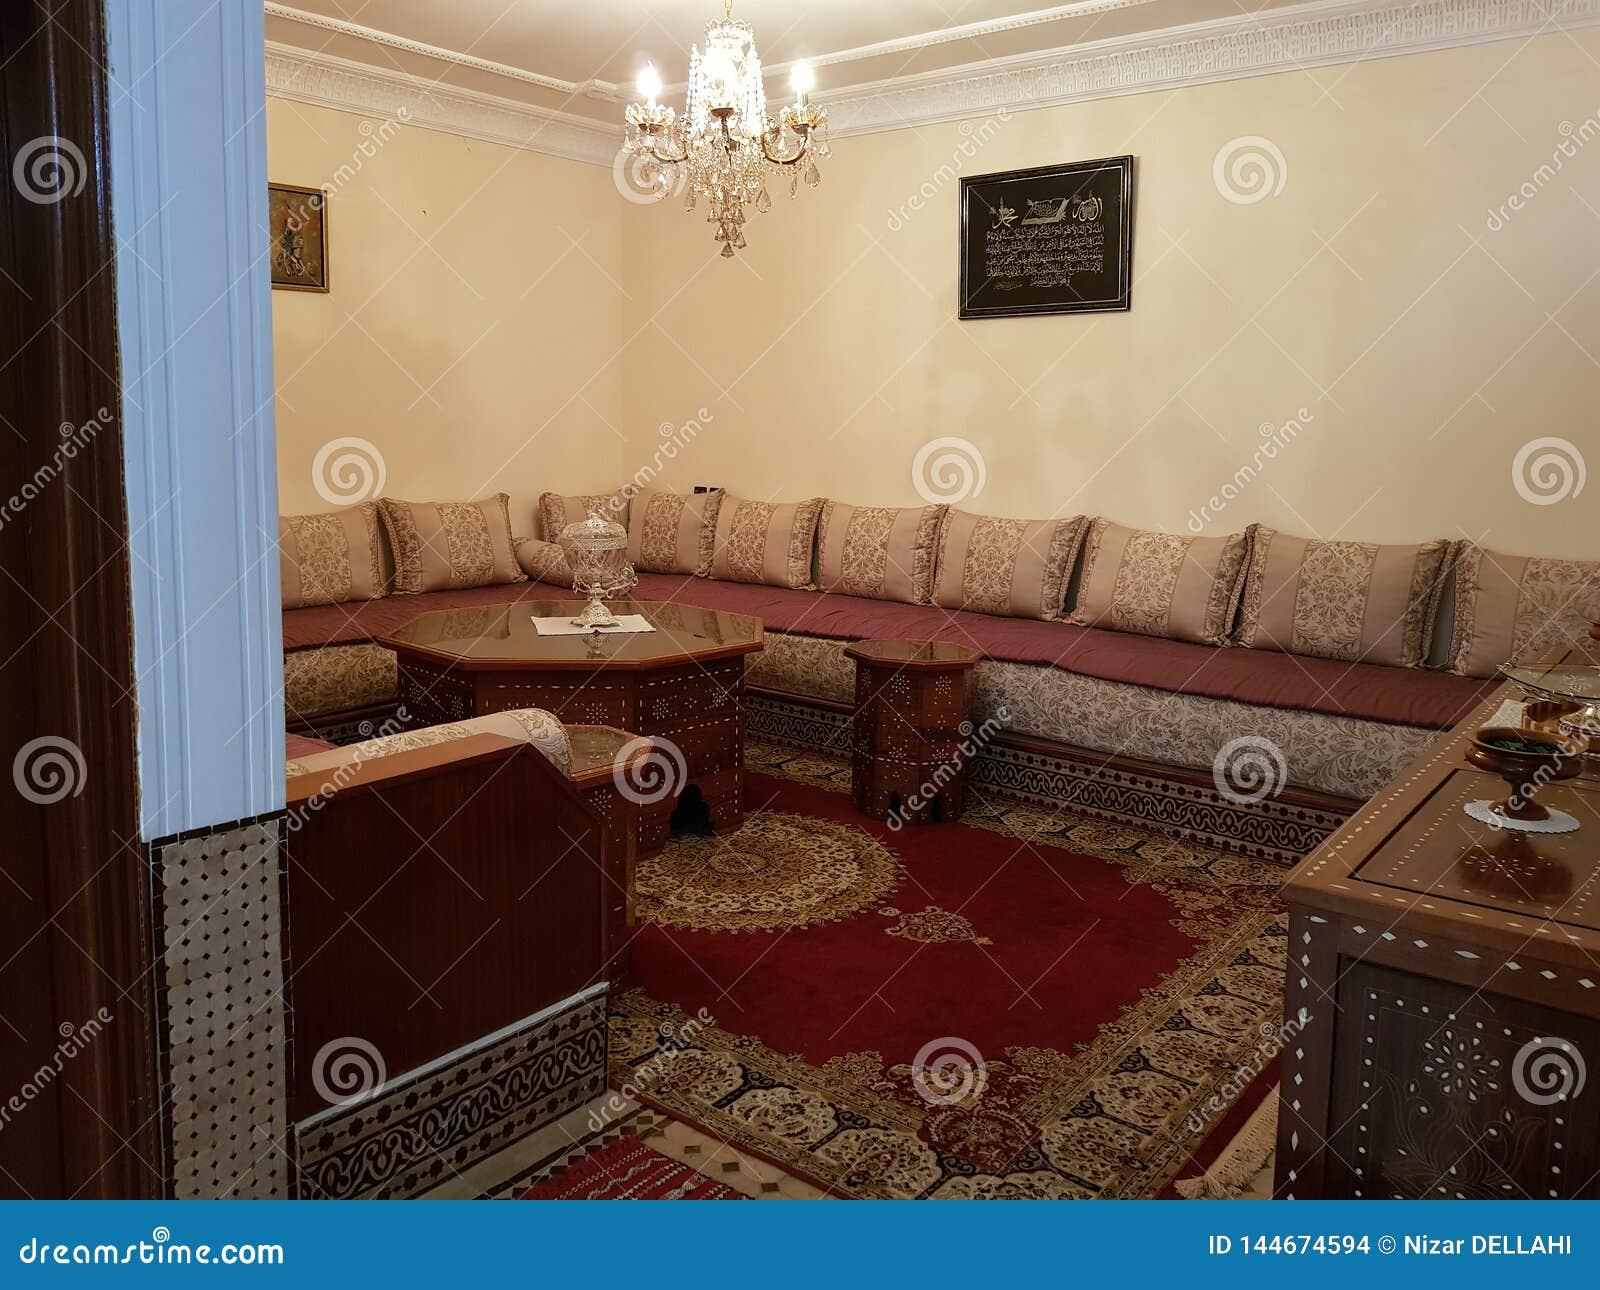 Marokkanisches traditionelles Wohnzimmer